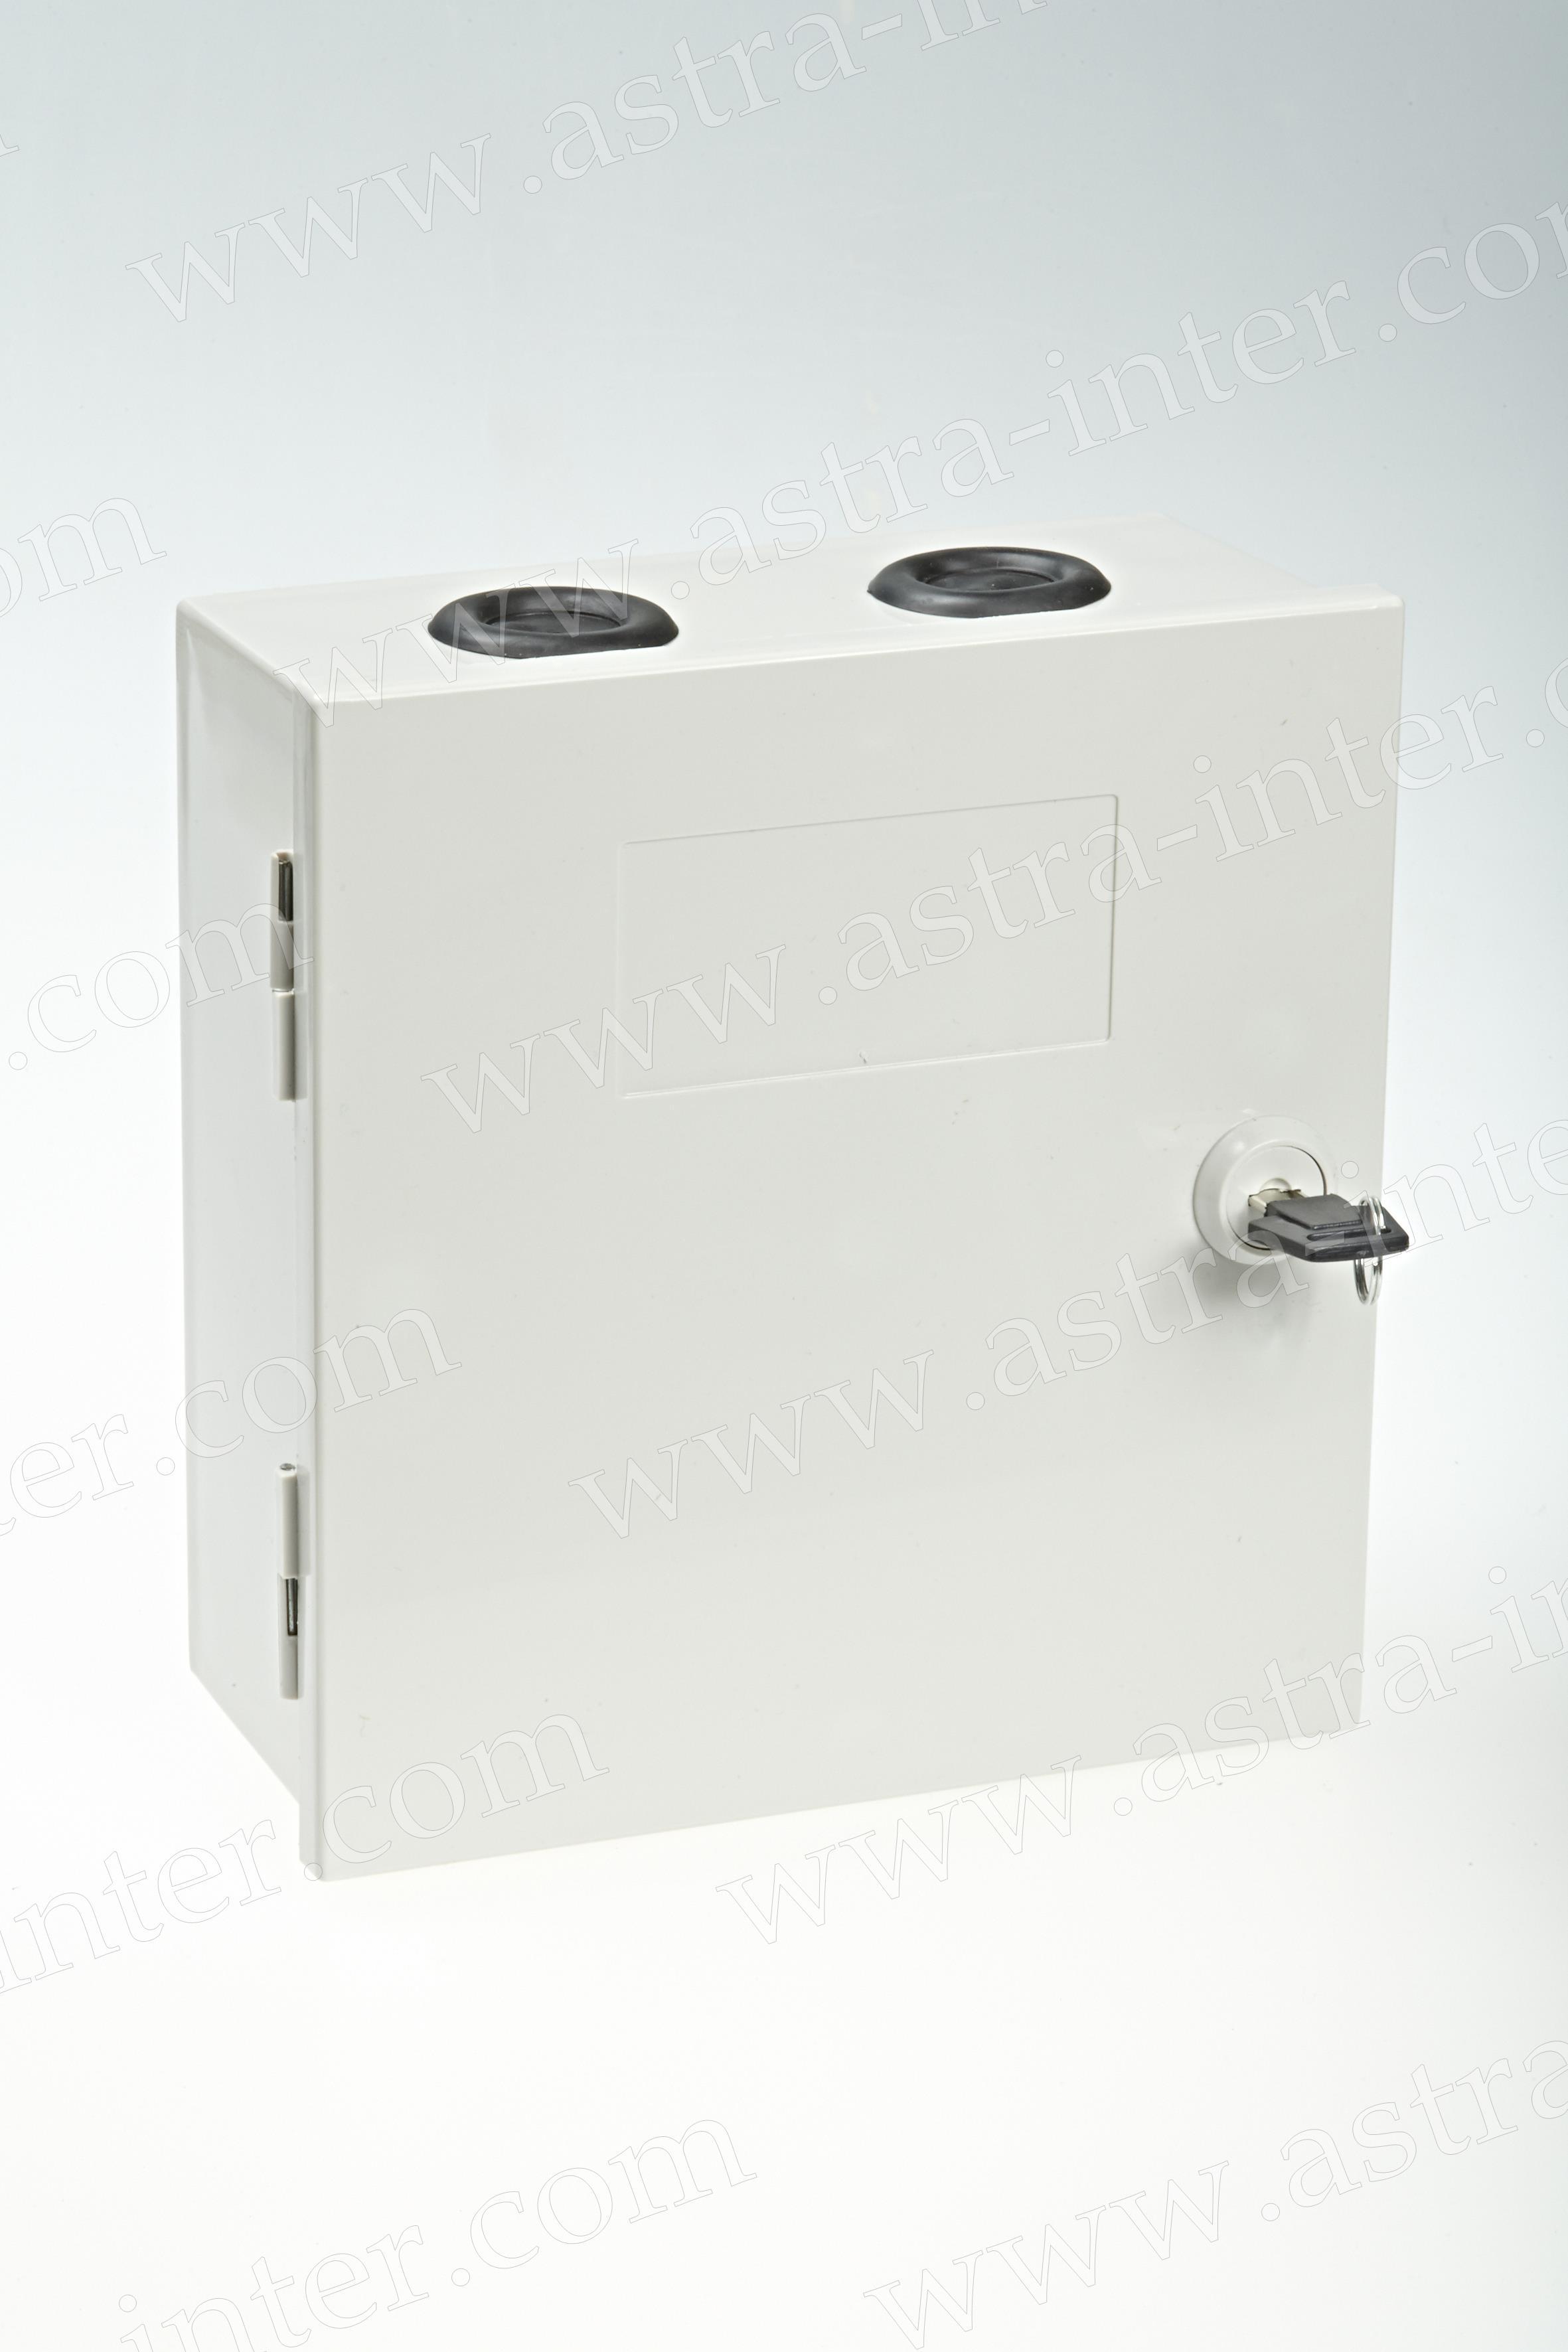 6. Коробка распределительная под установку 3 плинтов тип KRONE. Пластик.